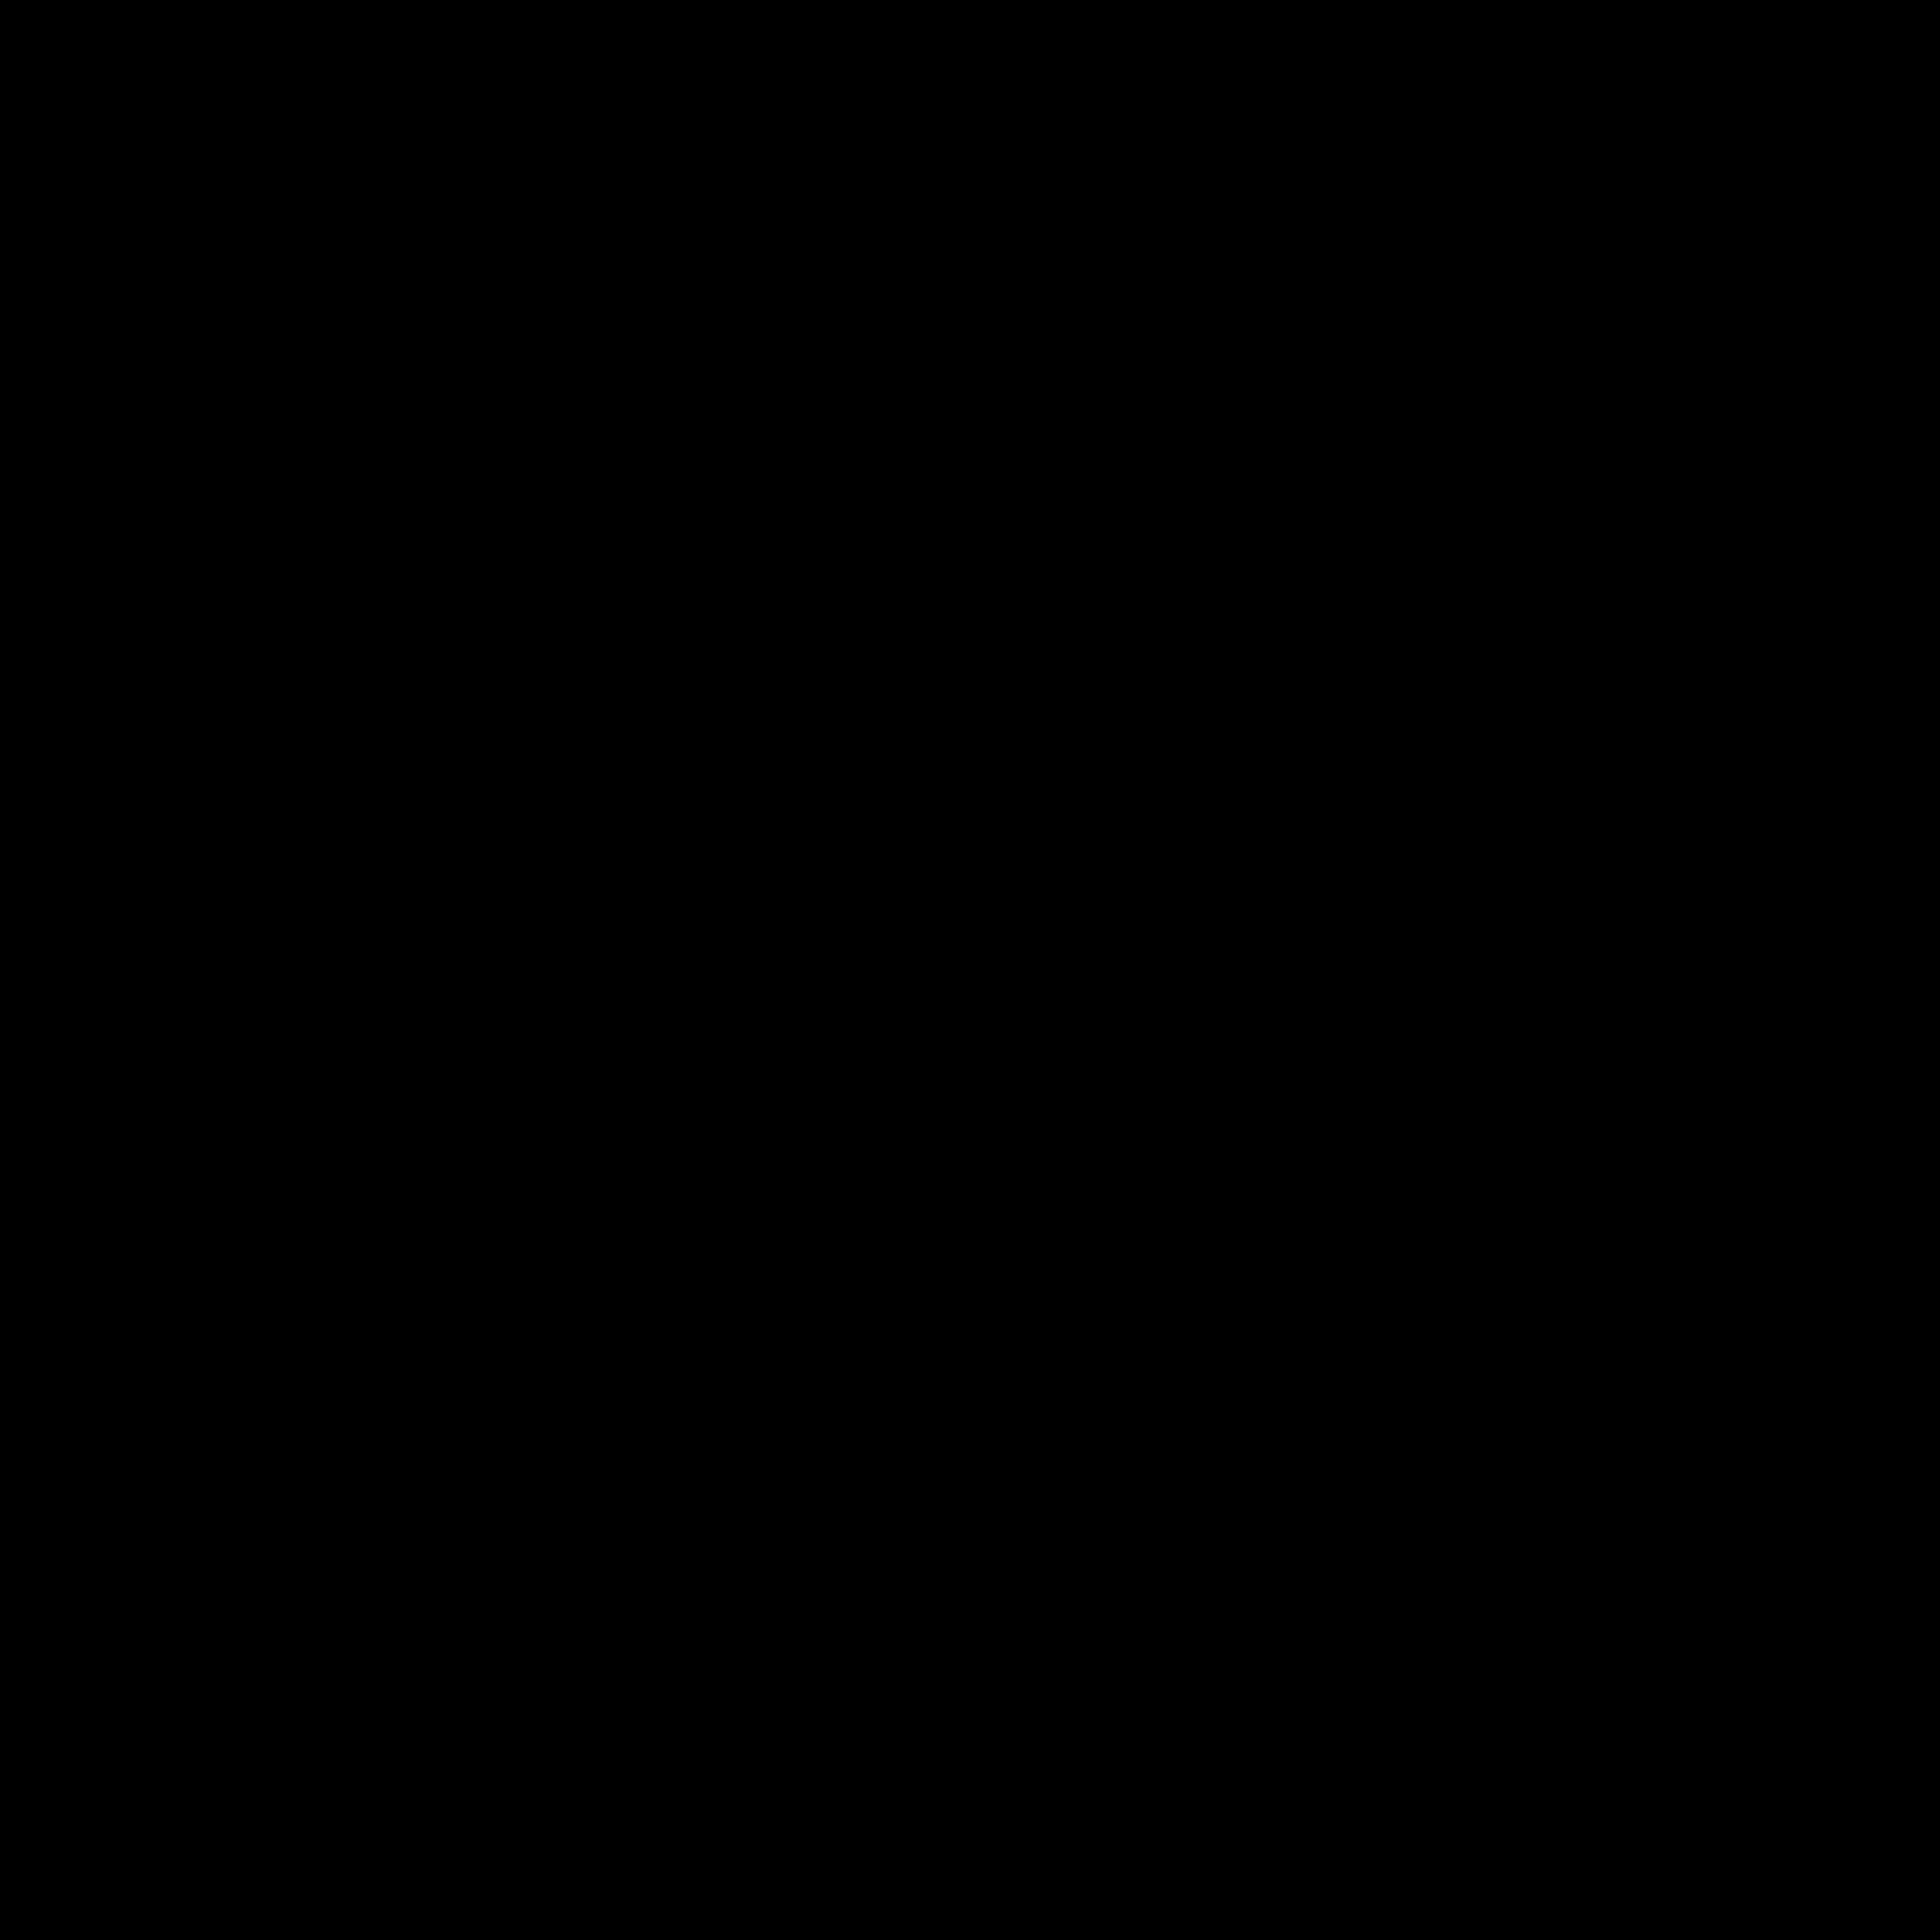 new-balance-2-logo-png-transparent.png